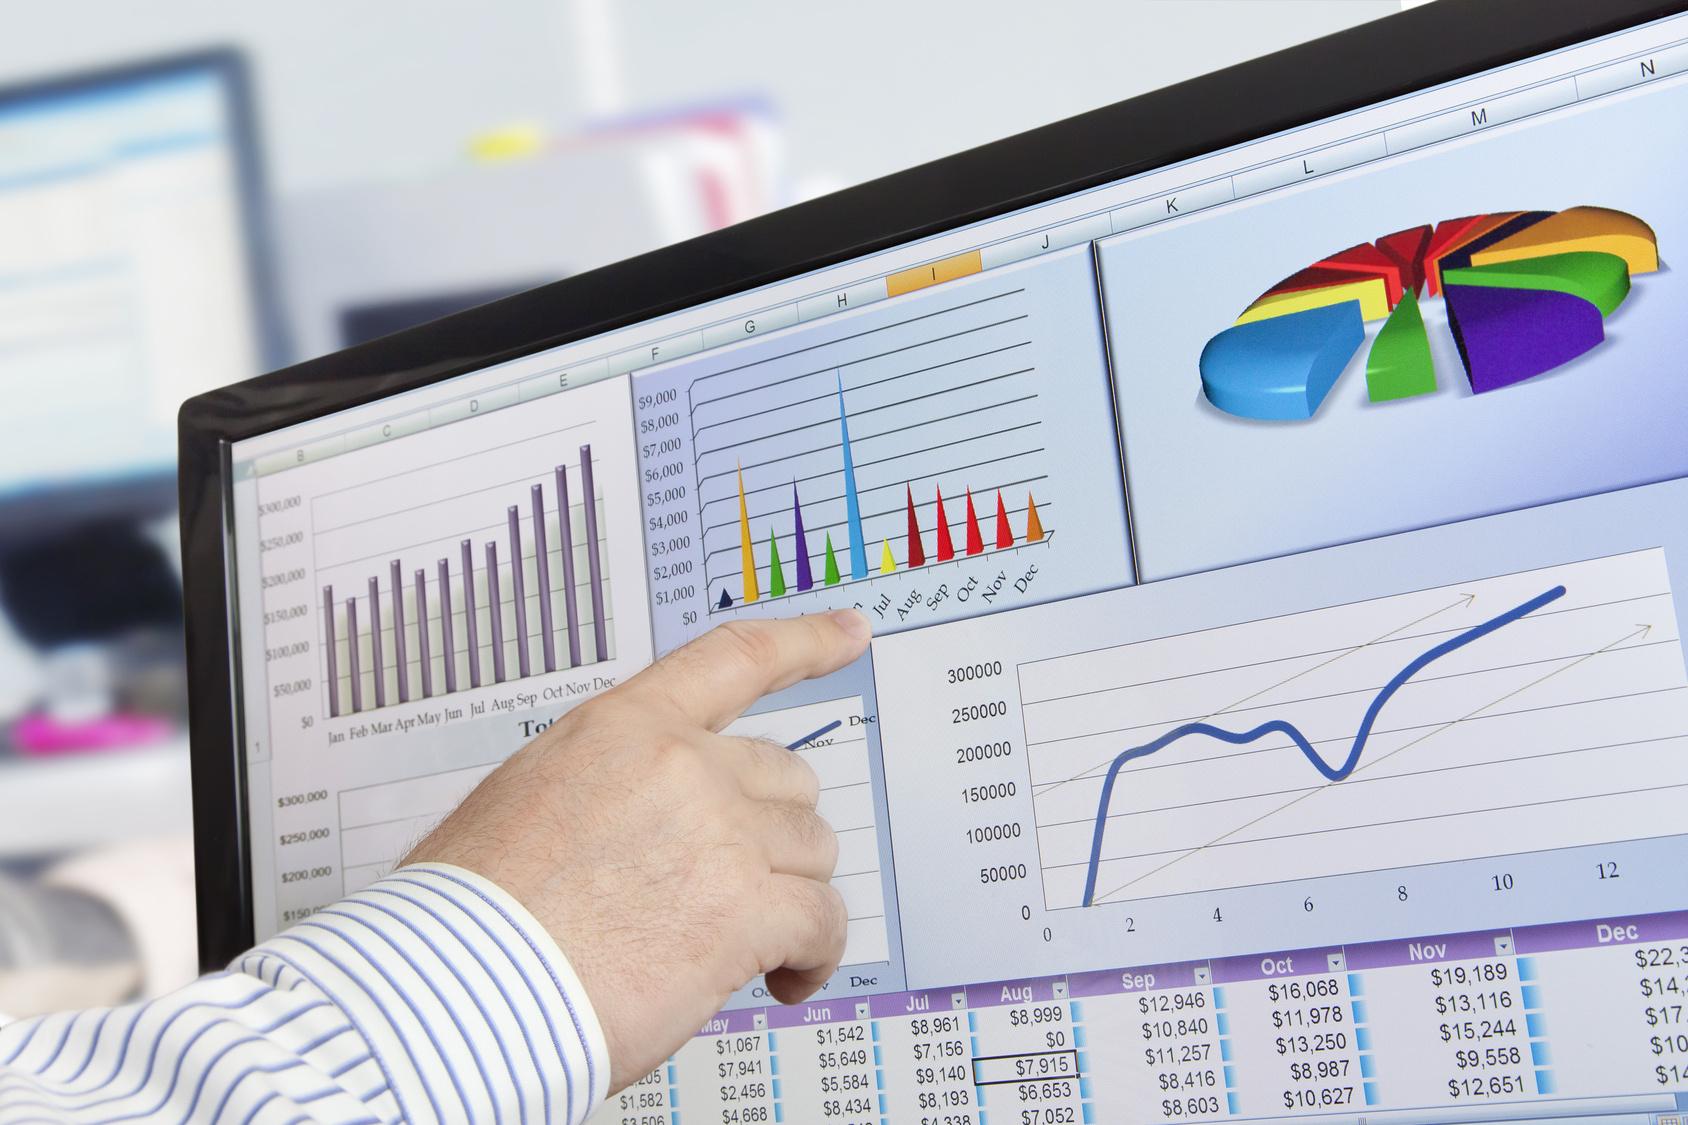 Как агентству получить конкурентное преимущество благодаря анализу данных?